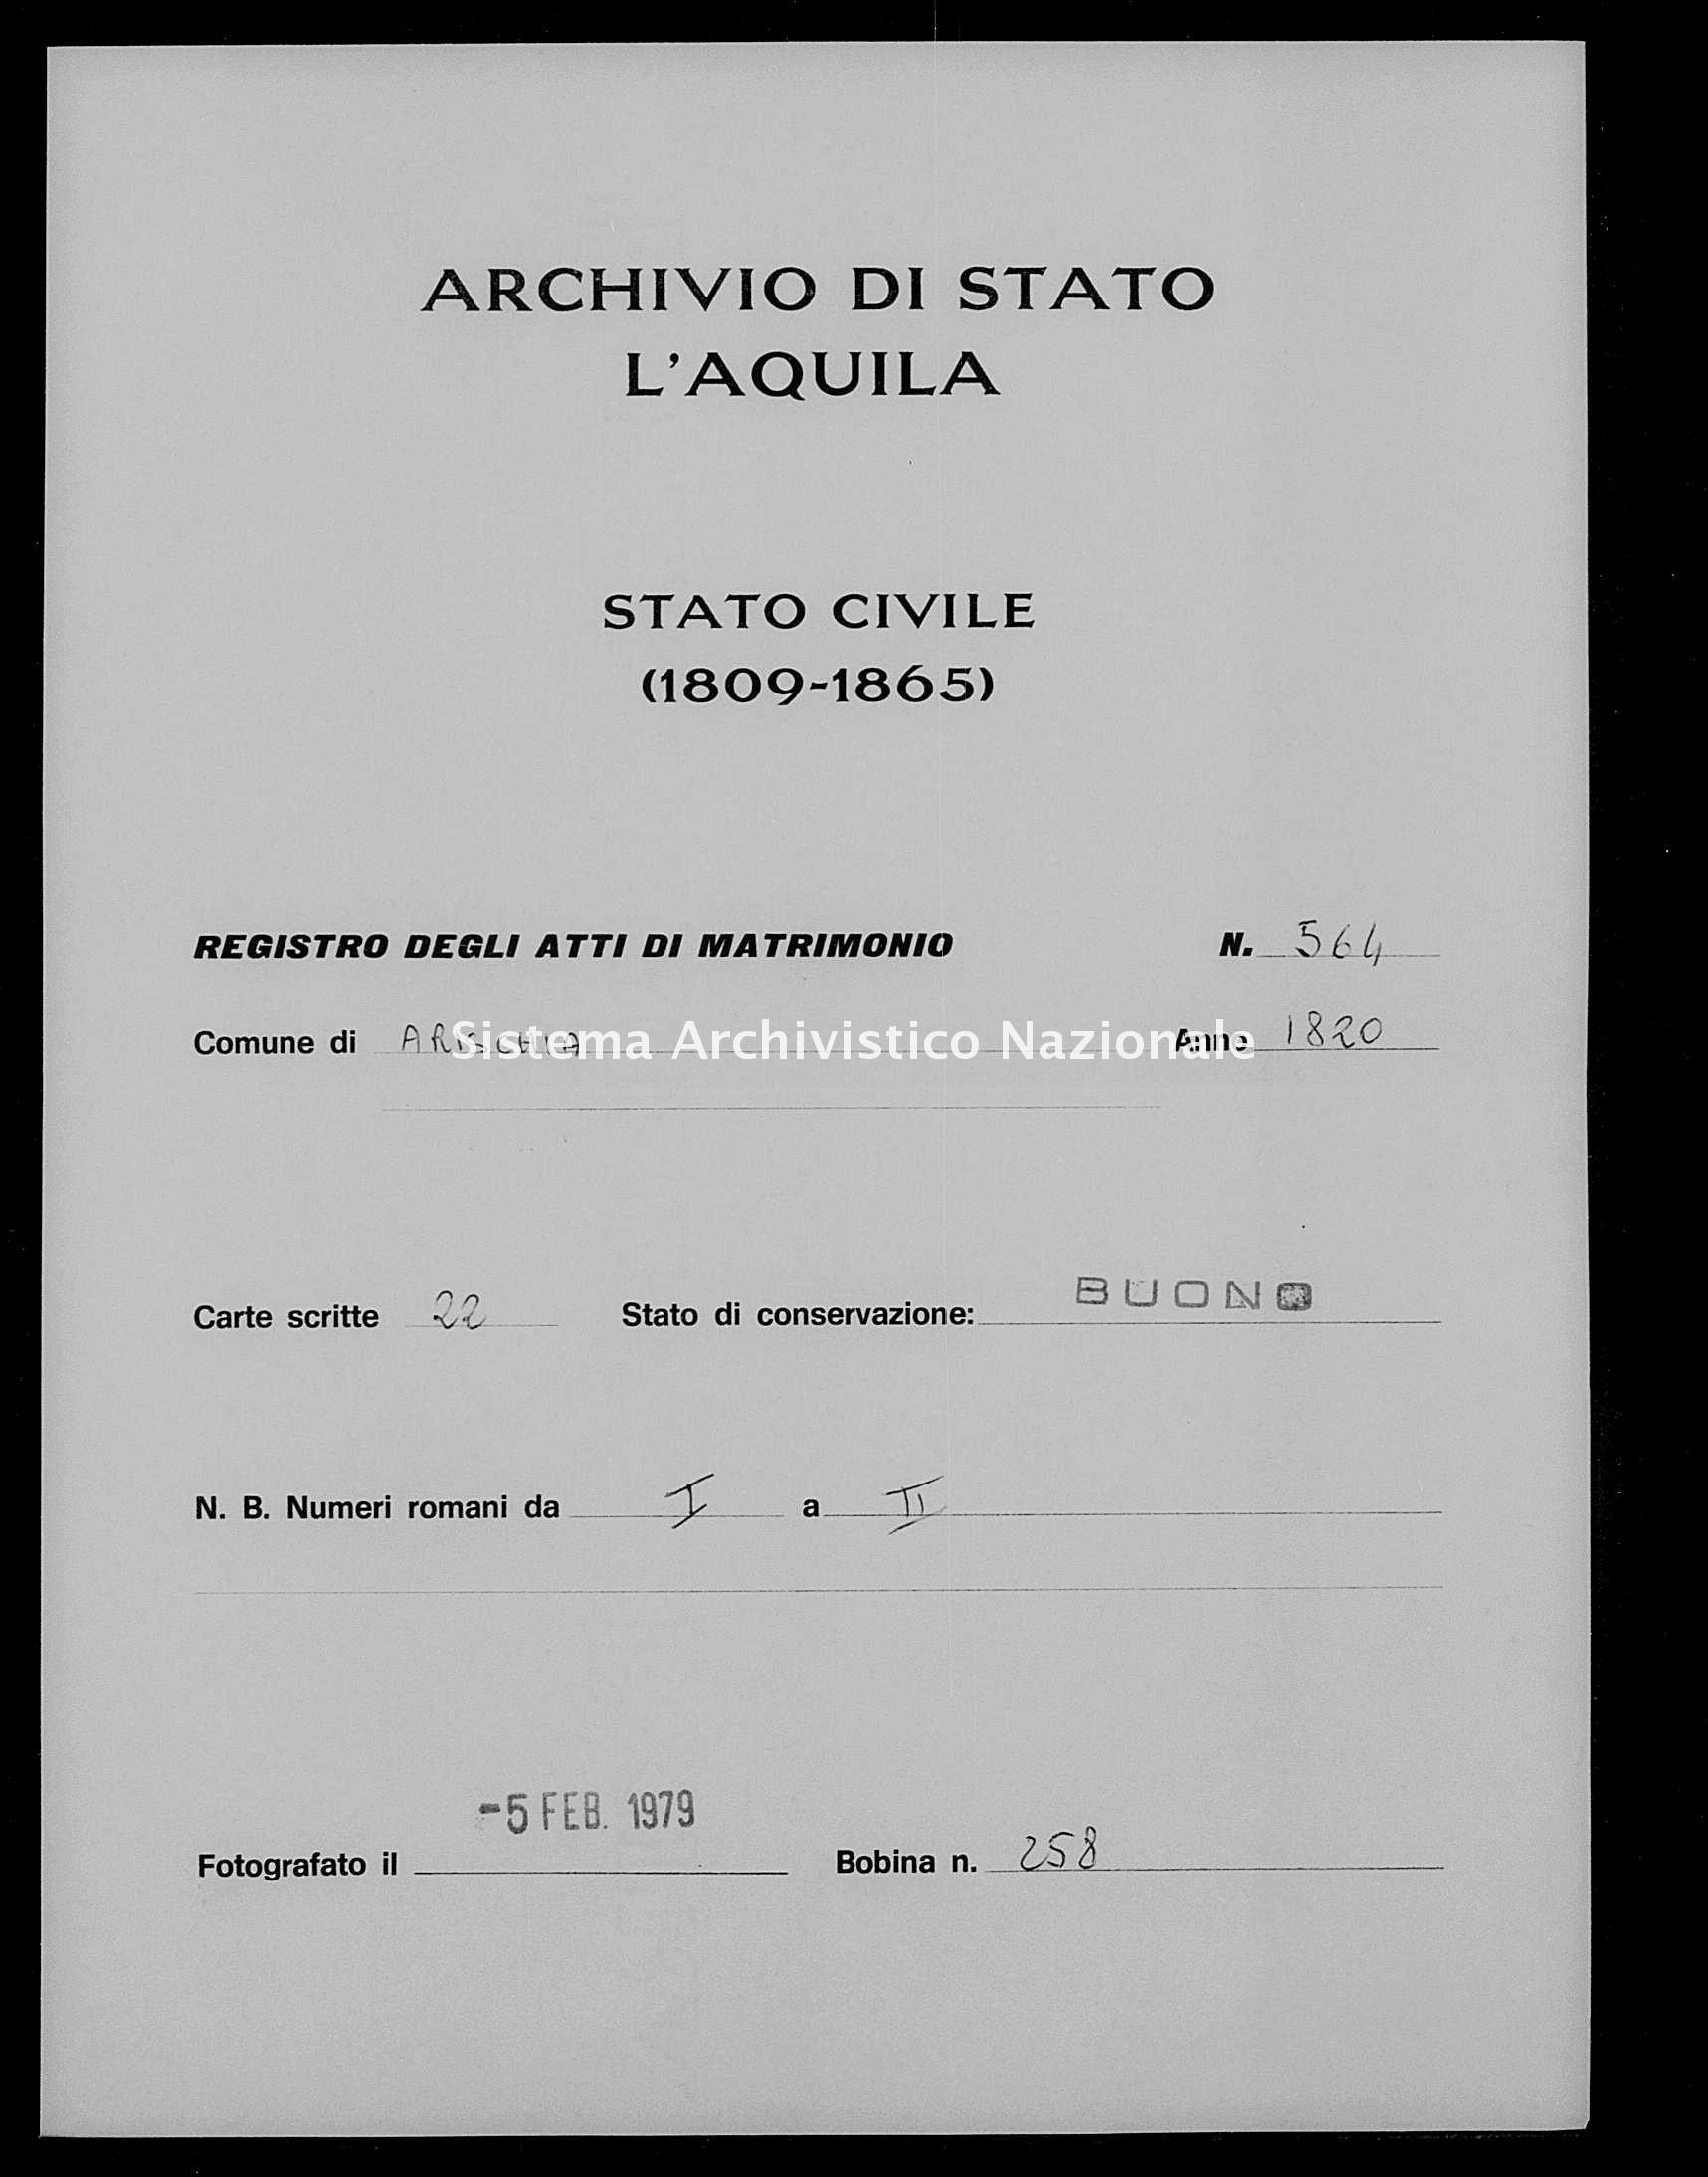 Archivio di stato di L'aquila - Stato civile della restaurazione - Arischia - Matrimoni - 1820 - 564 -